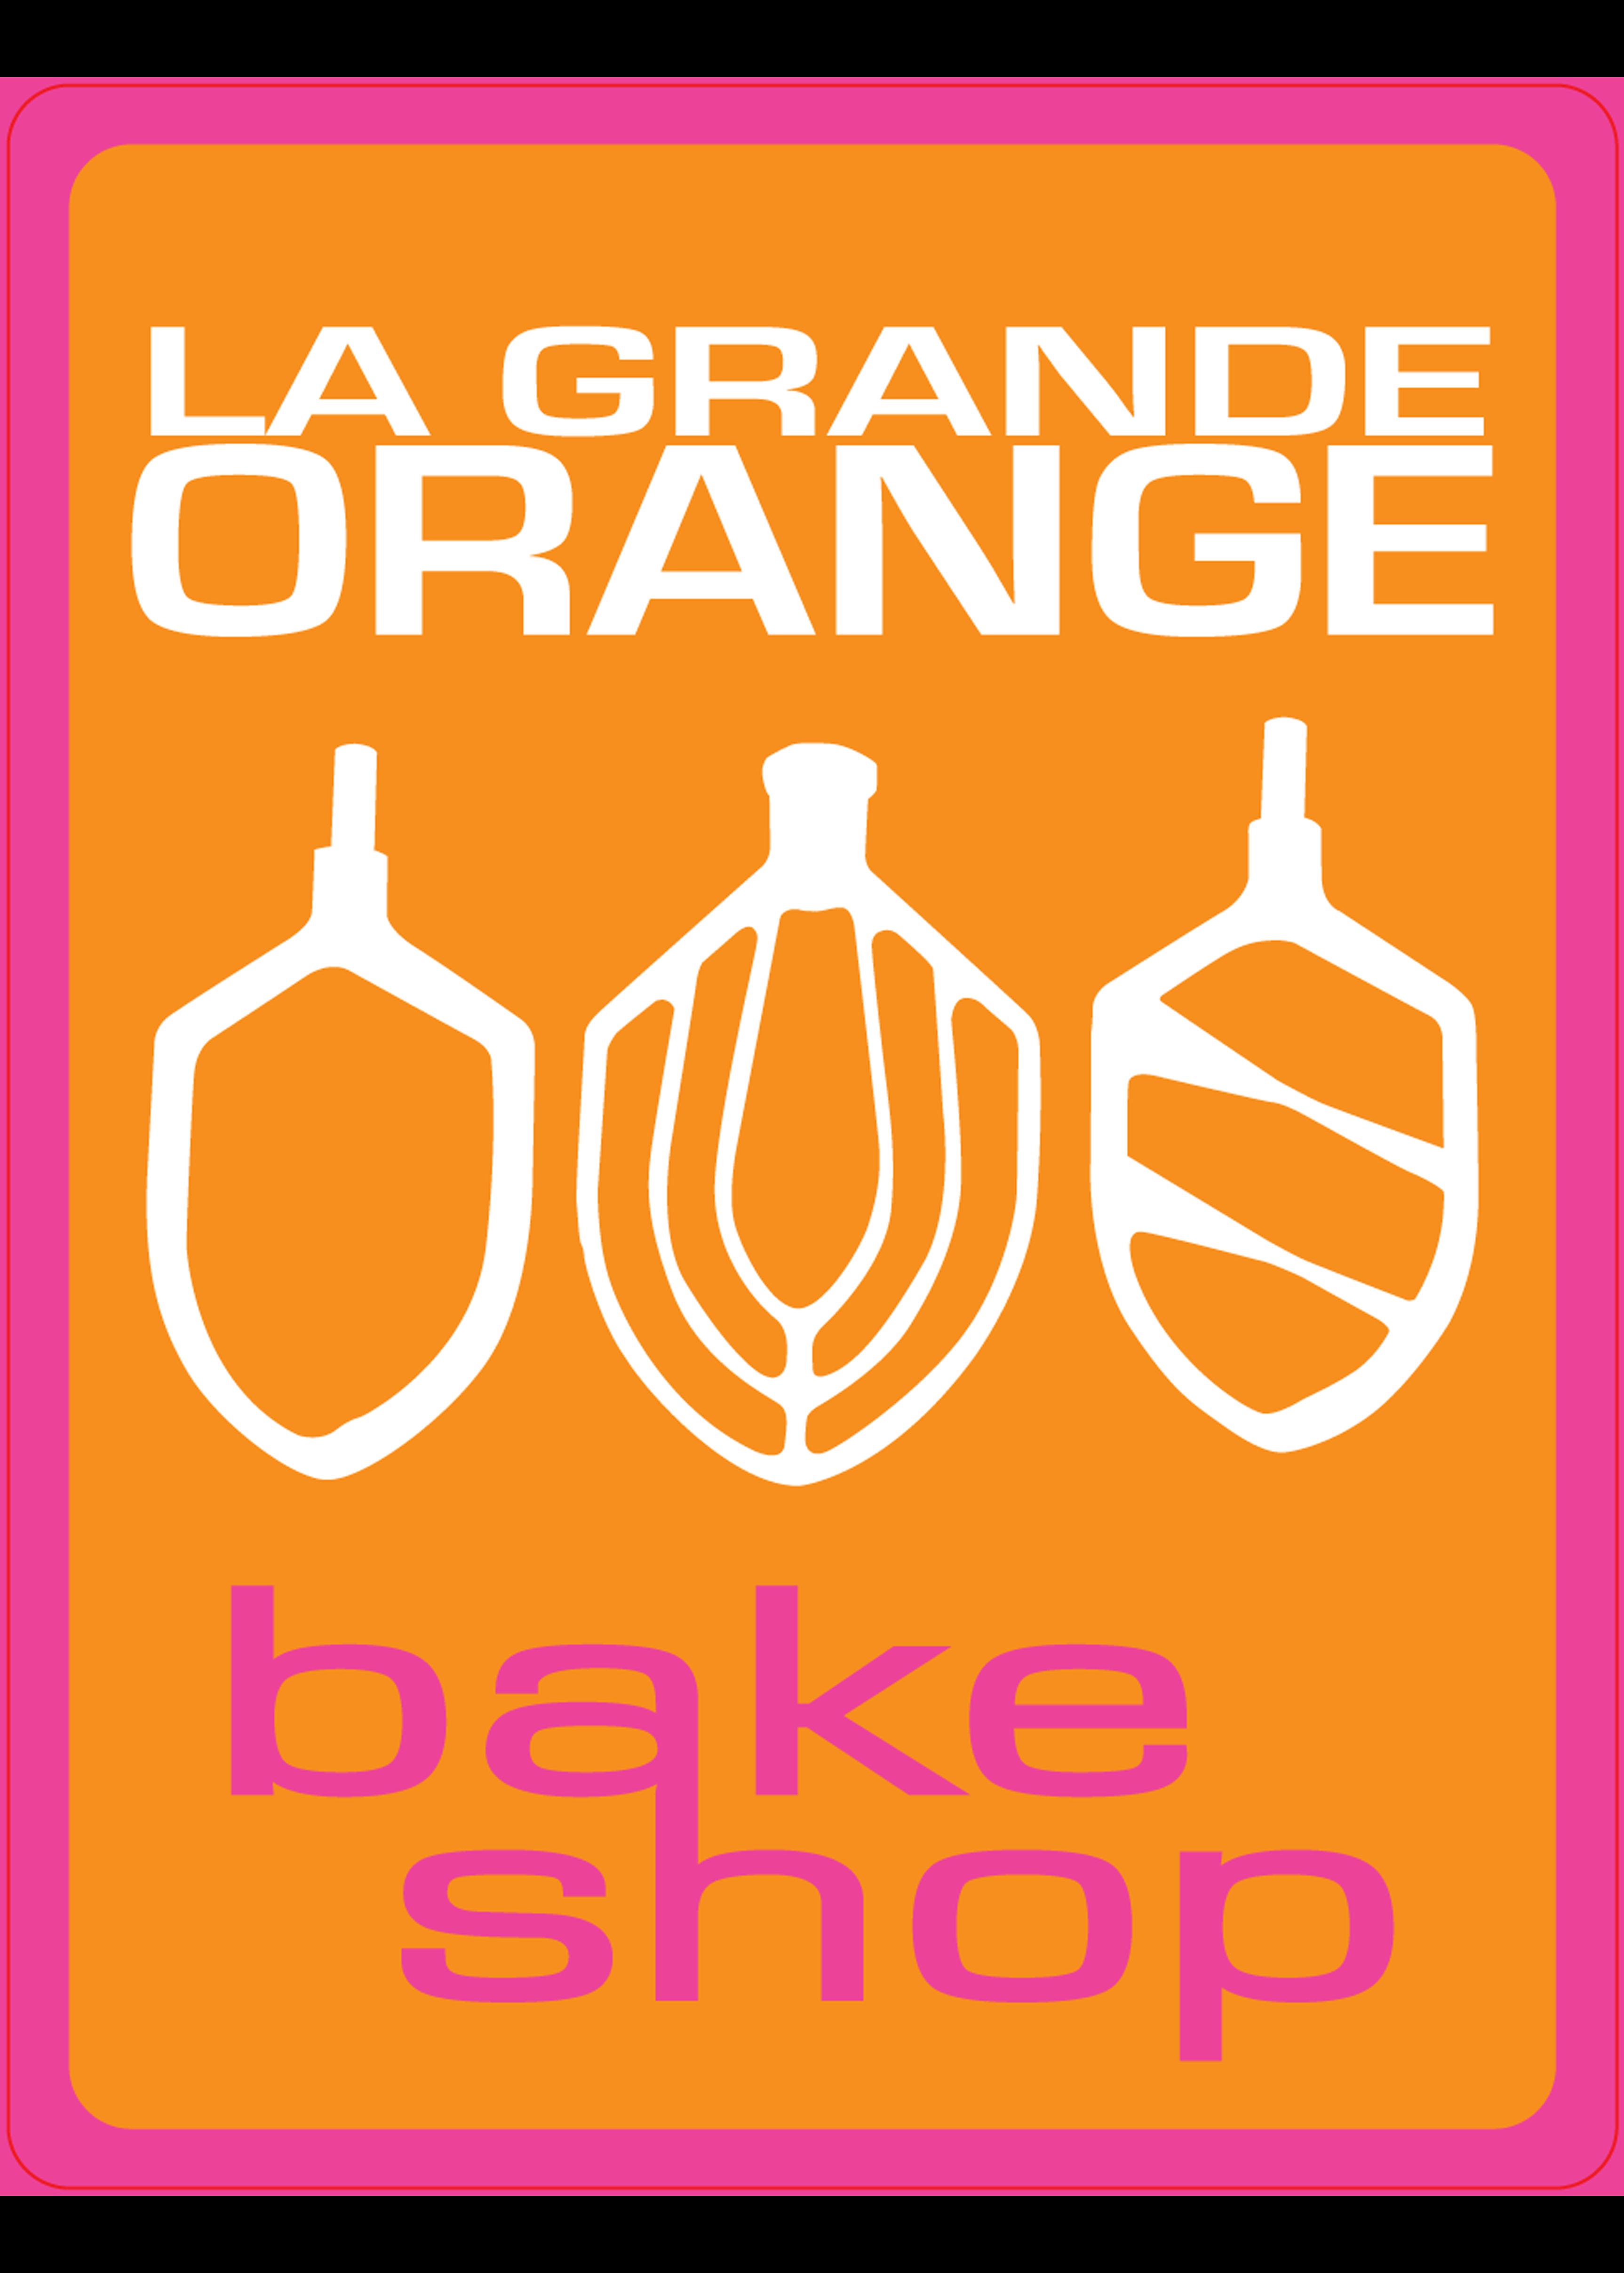 LGO Bake Shop